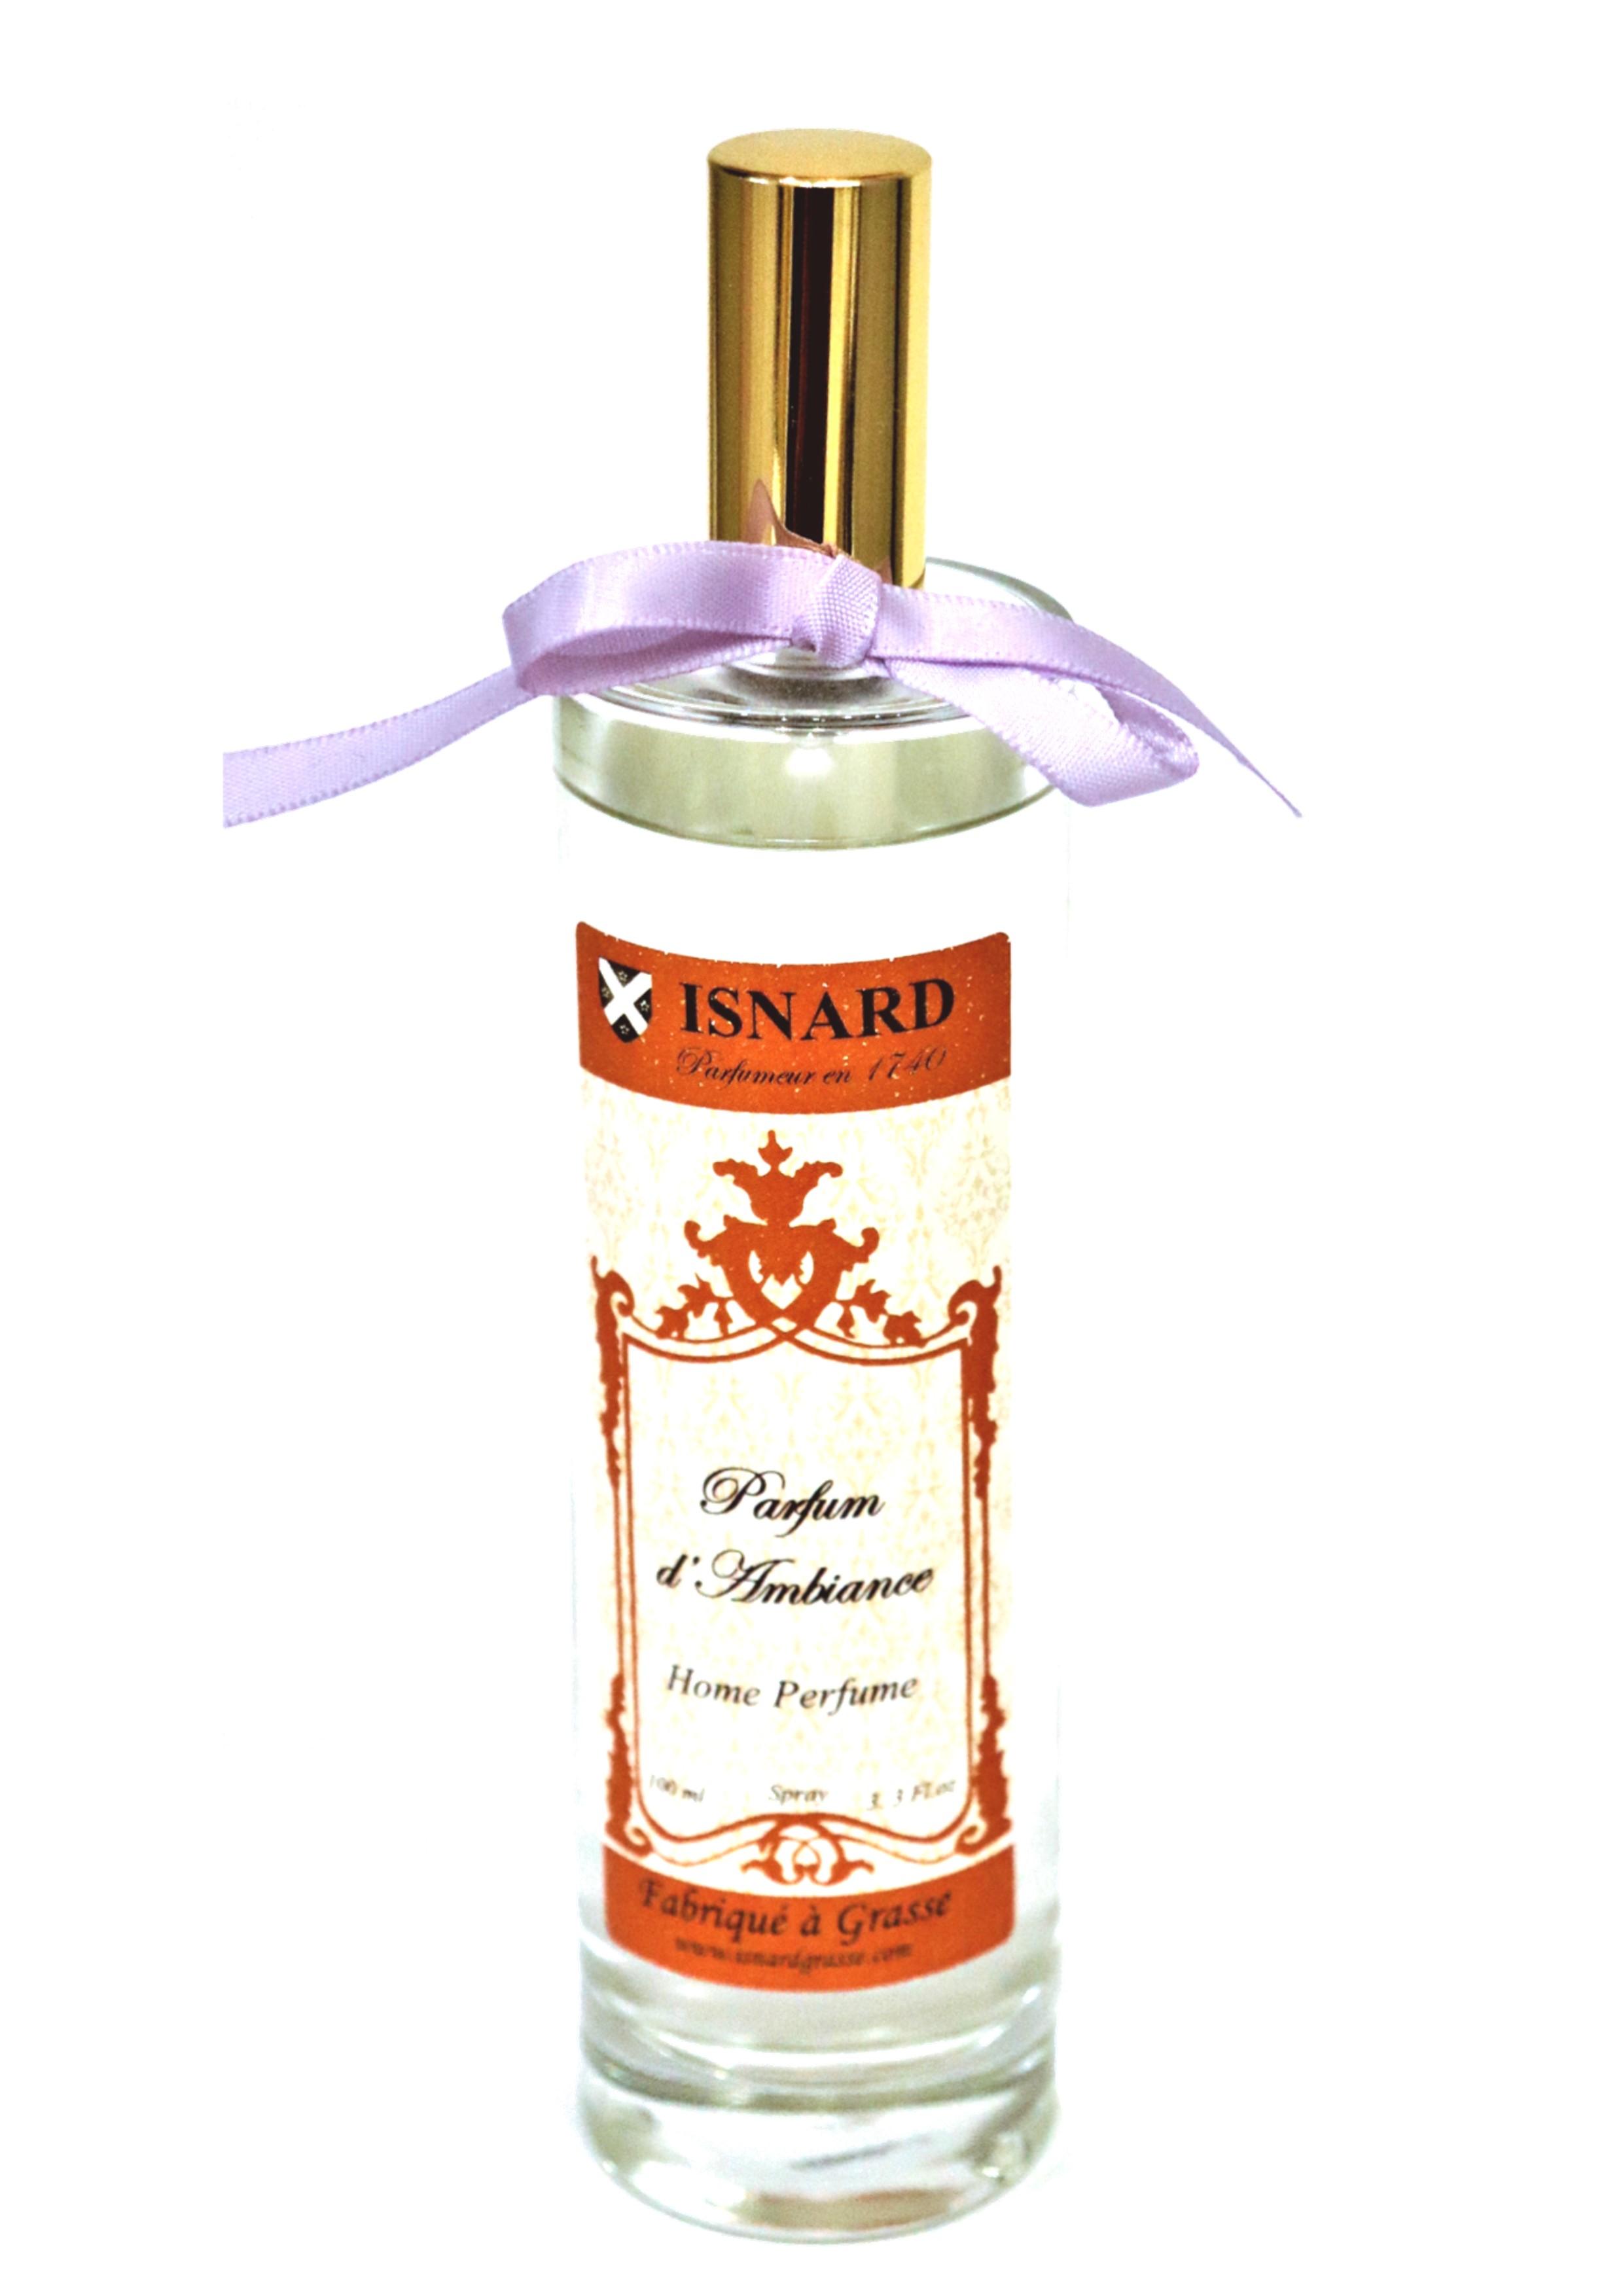 Parfum d'ambiance lavande - Parfum Isnard Grasse